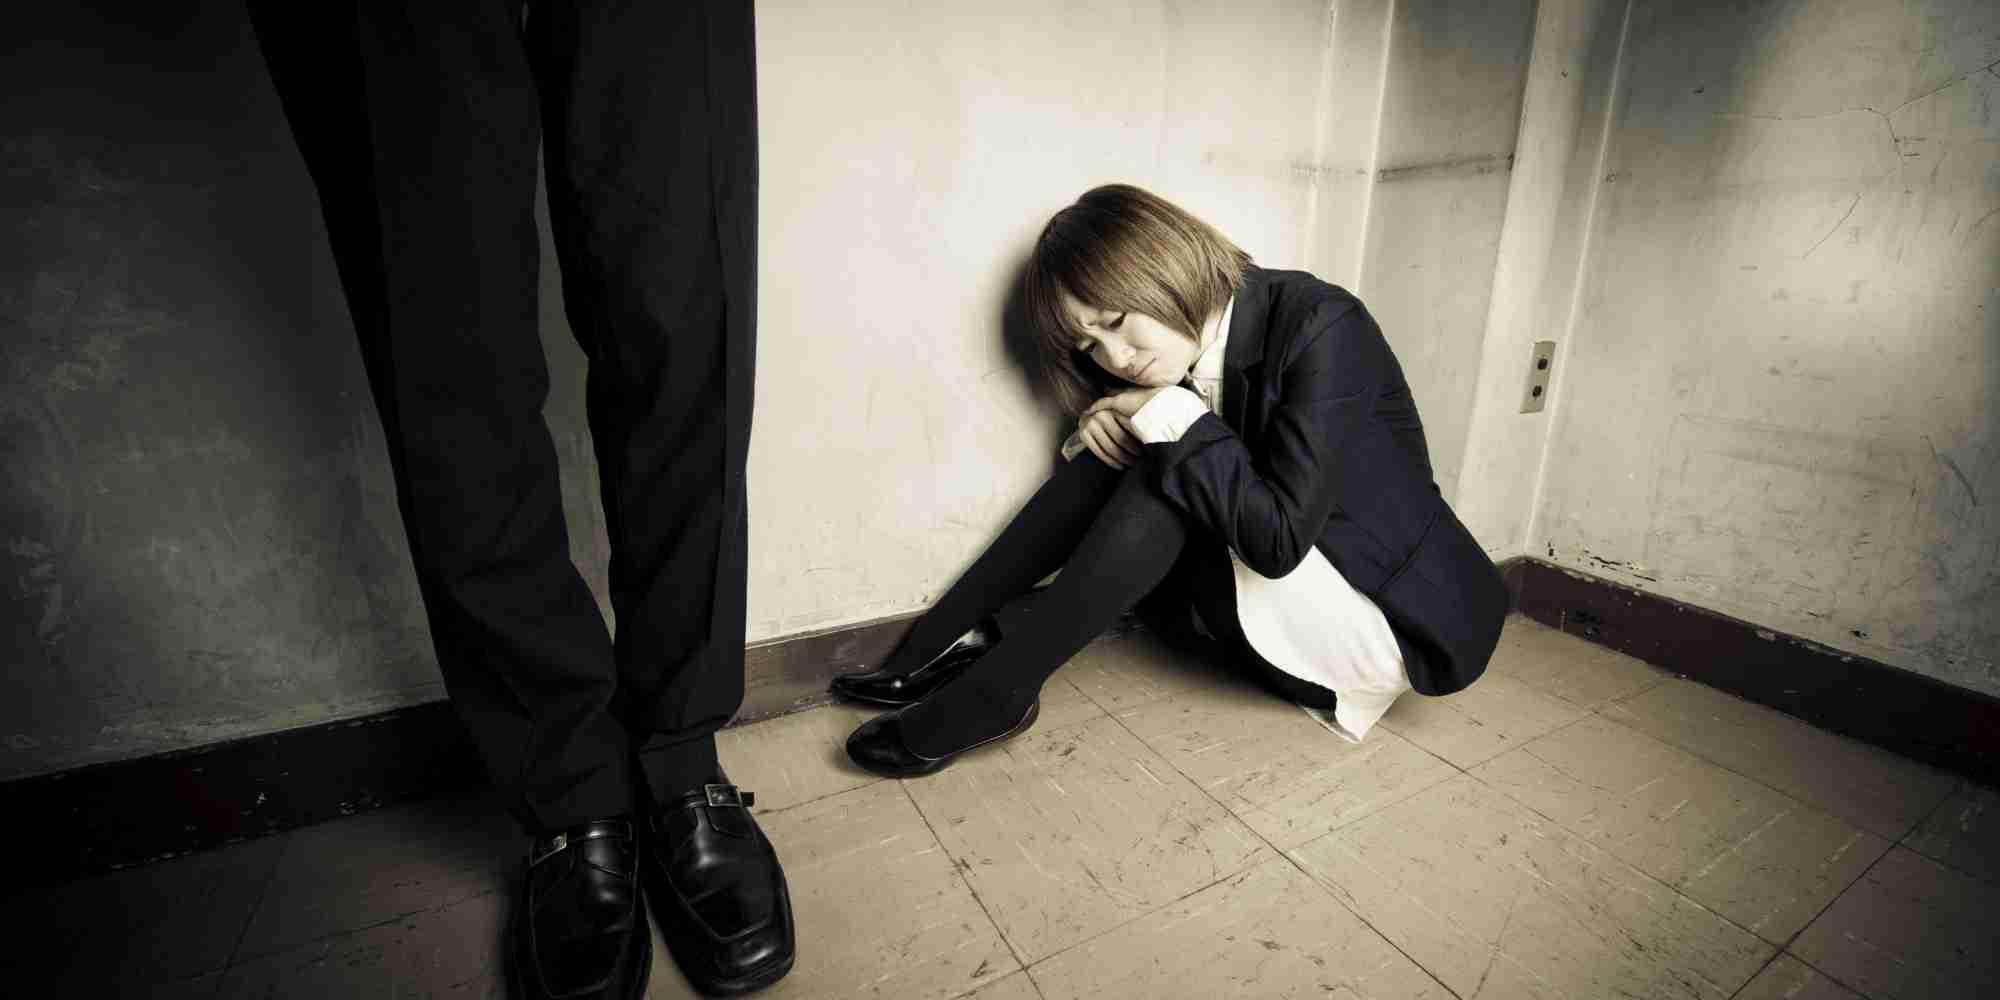 強制性交等罪とは? 性犯罪の厳罰化で変わった5つのこと「男性も被害者」「告訴いらず」【わかりやすい解説】